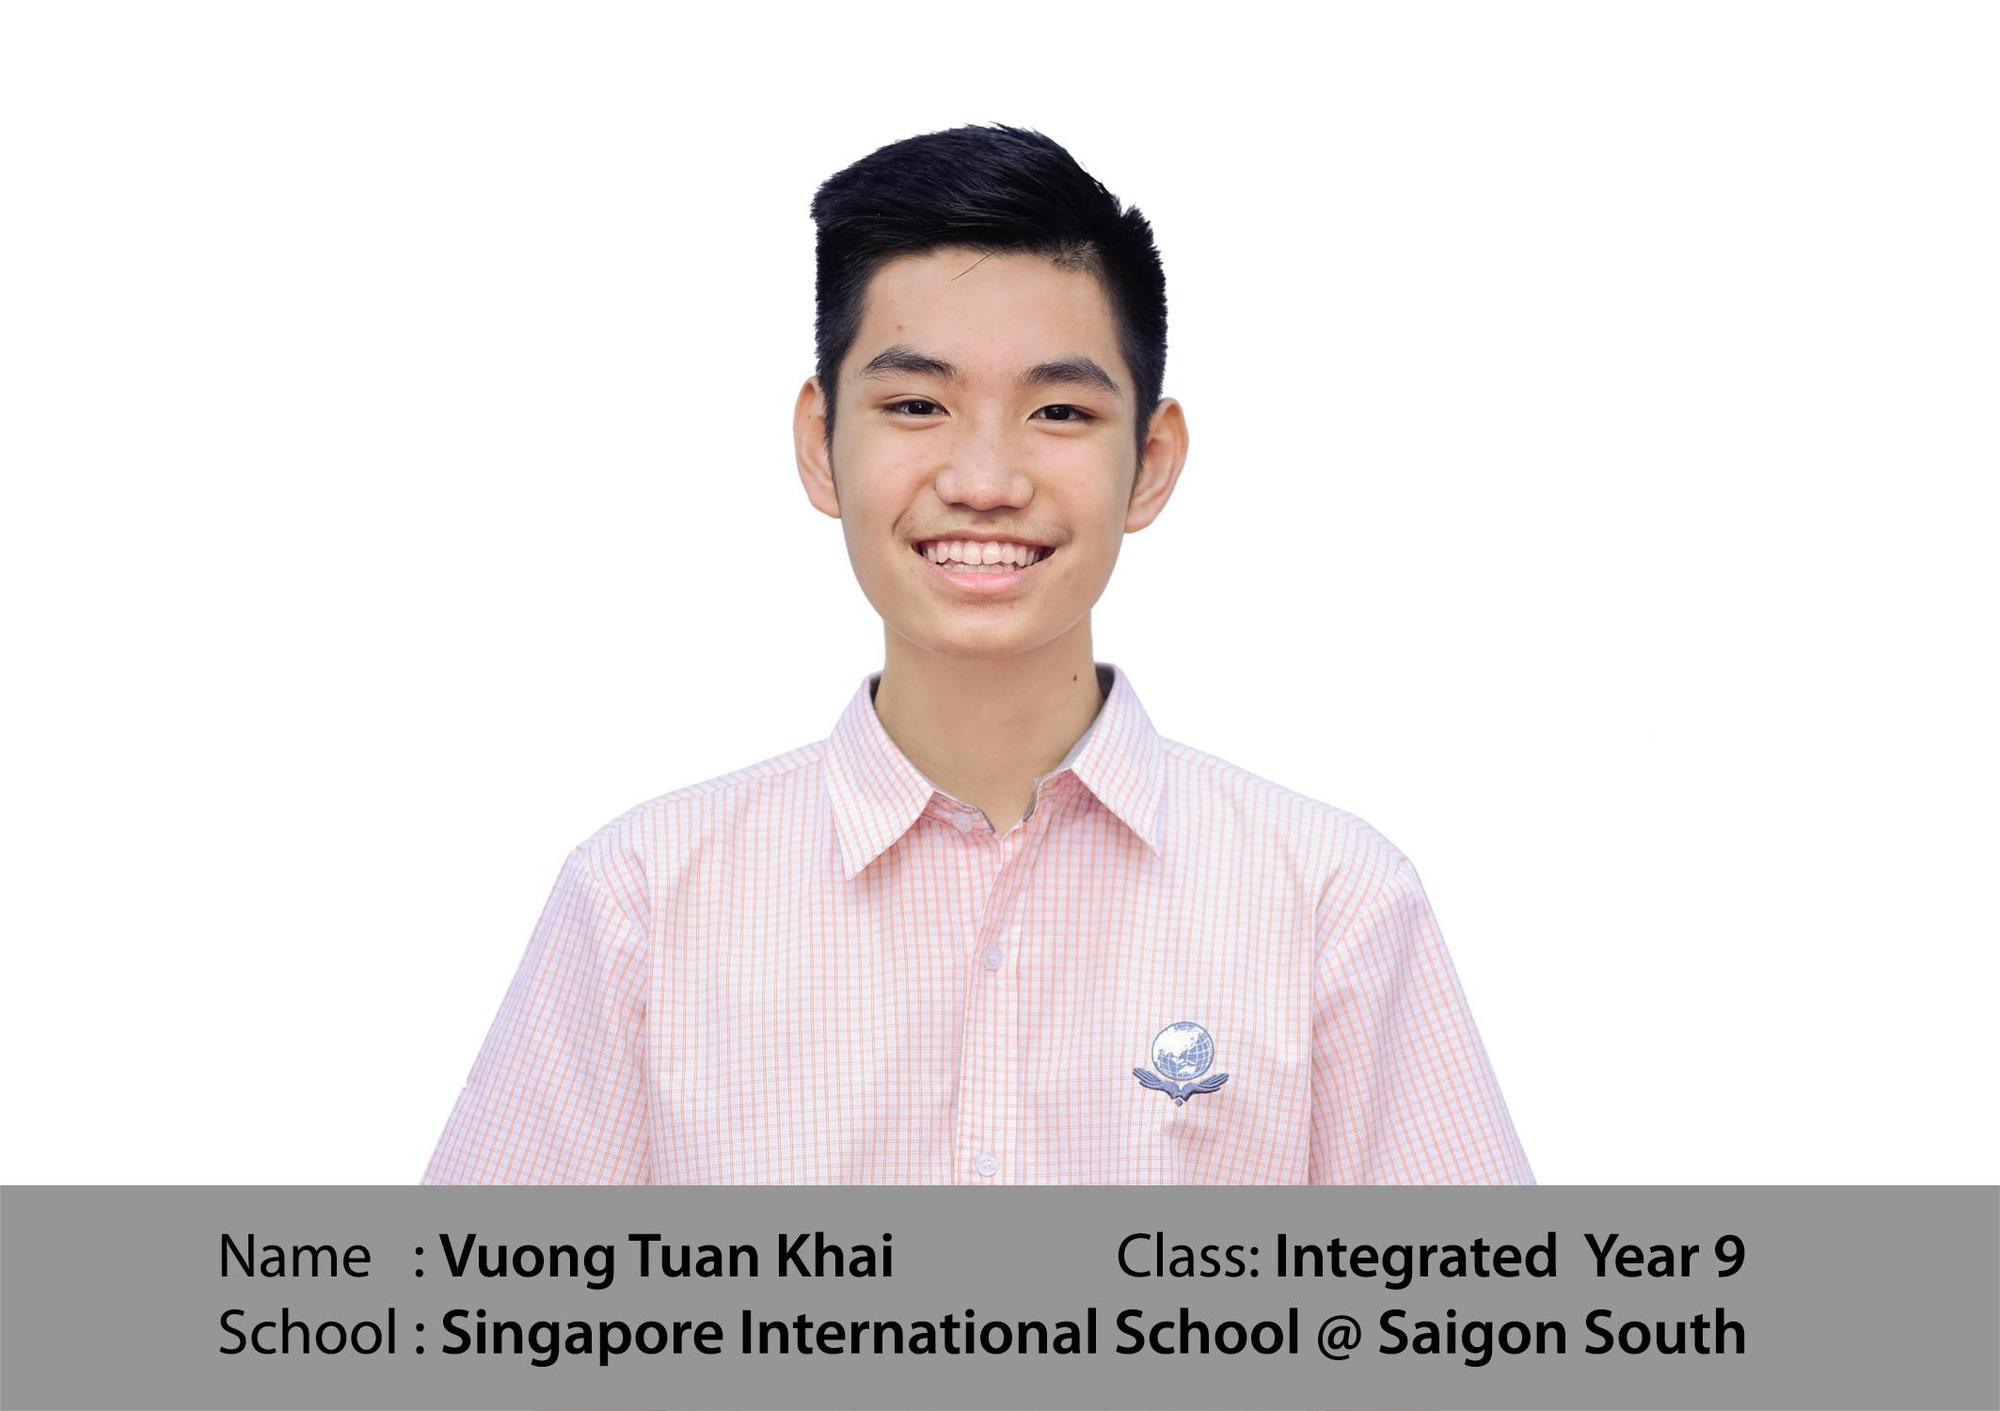 Bí quyết giỏi tiếng Anh của nam sinh trường Quốc tế Singapore - Ảnh 1.